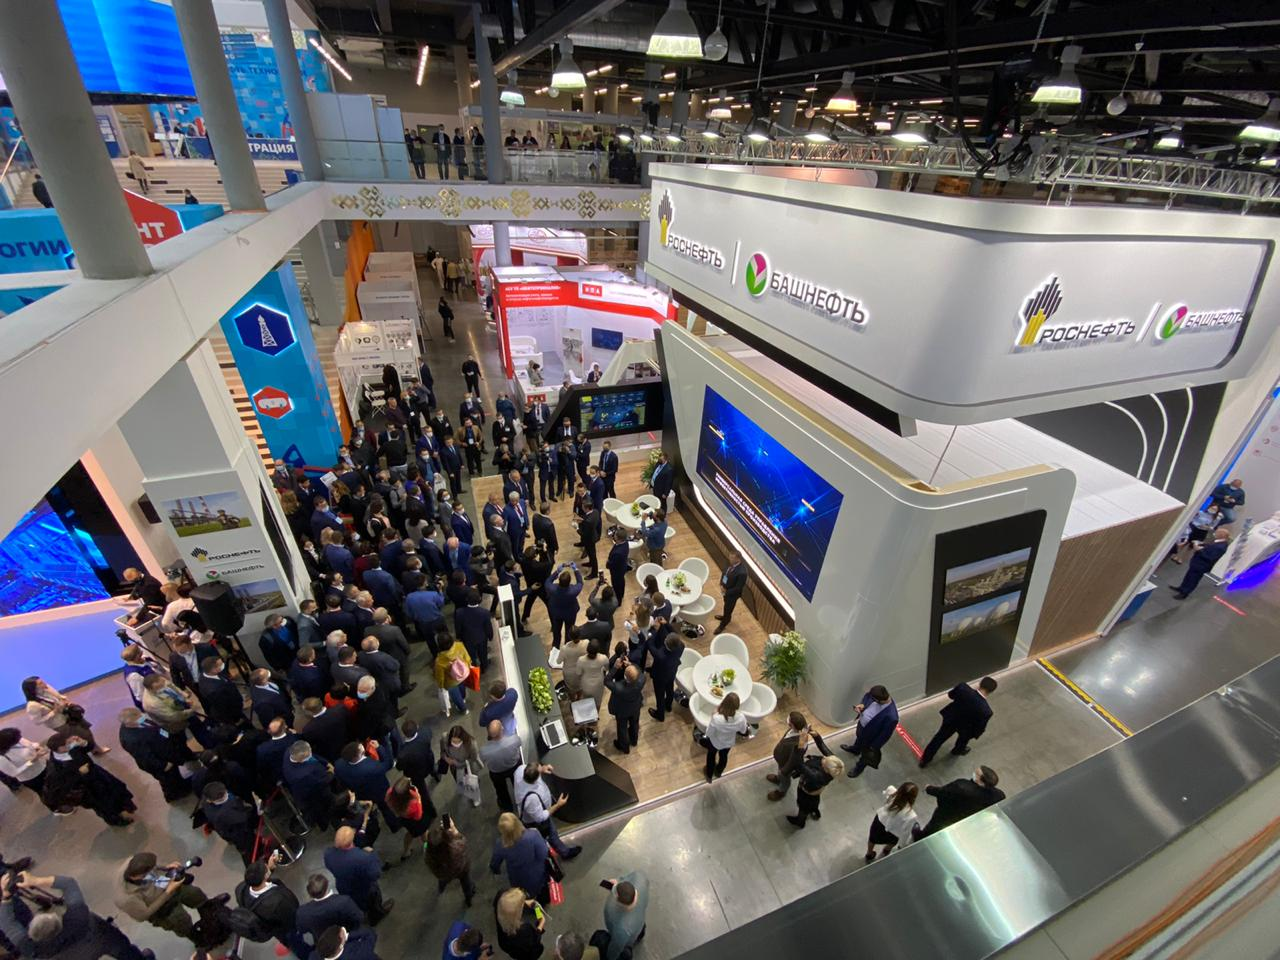 15 сентября 2020 г состоялась торжественная церемония открытия Выставки ГАЗ. НЕФТЬ. ТЕХНОЛОГИИ.